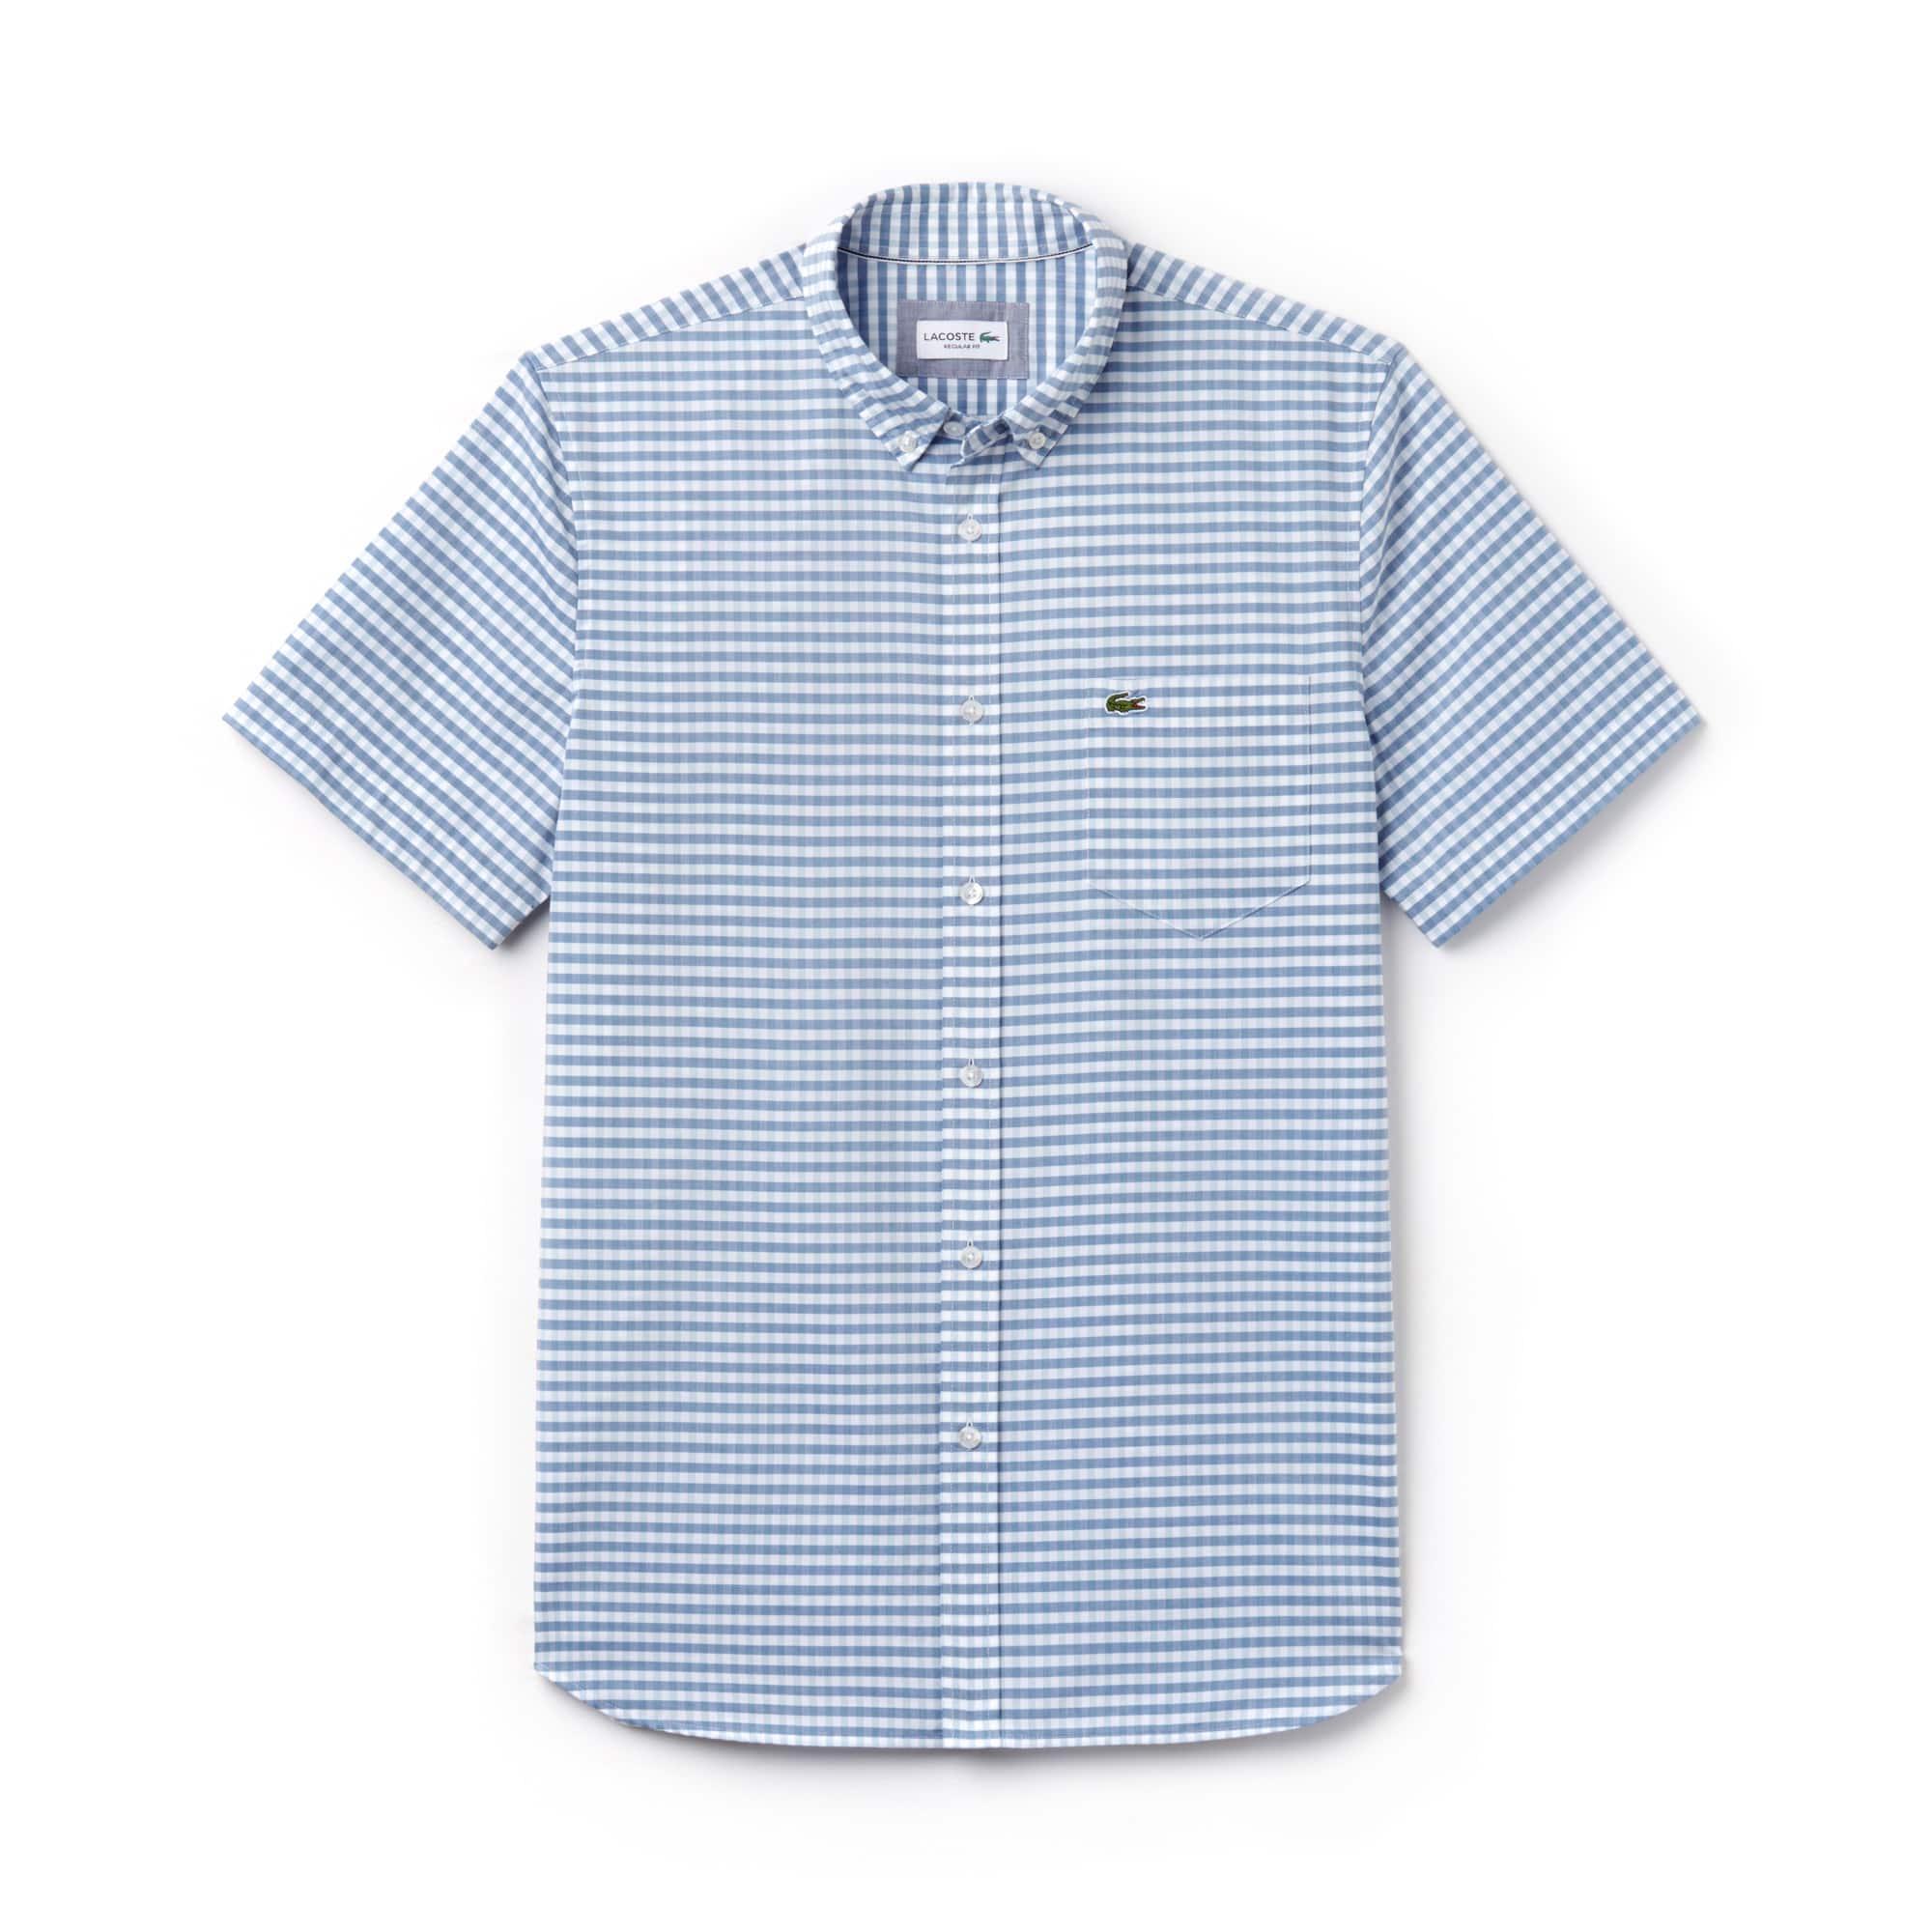 Chemise regular fit à manches courtes en popeline vichy